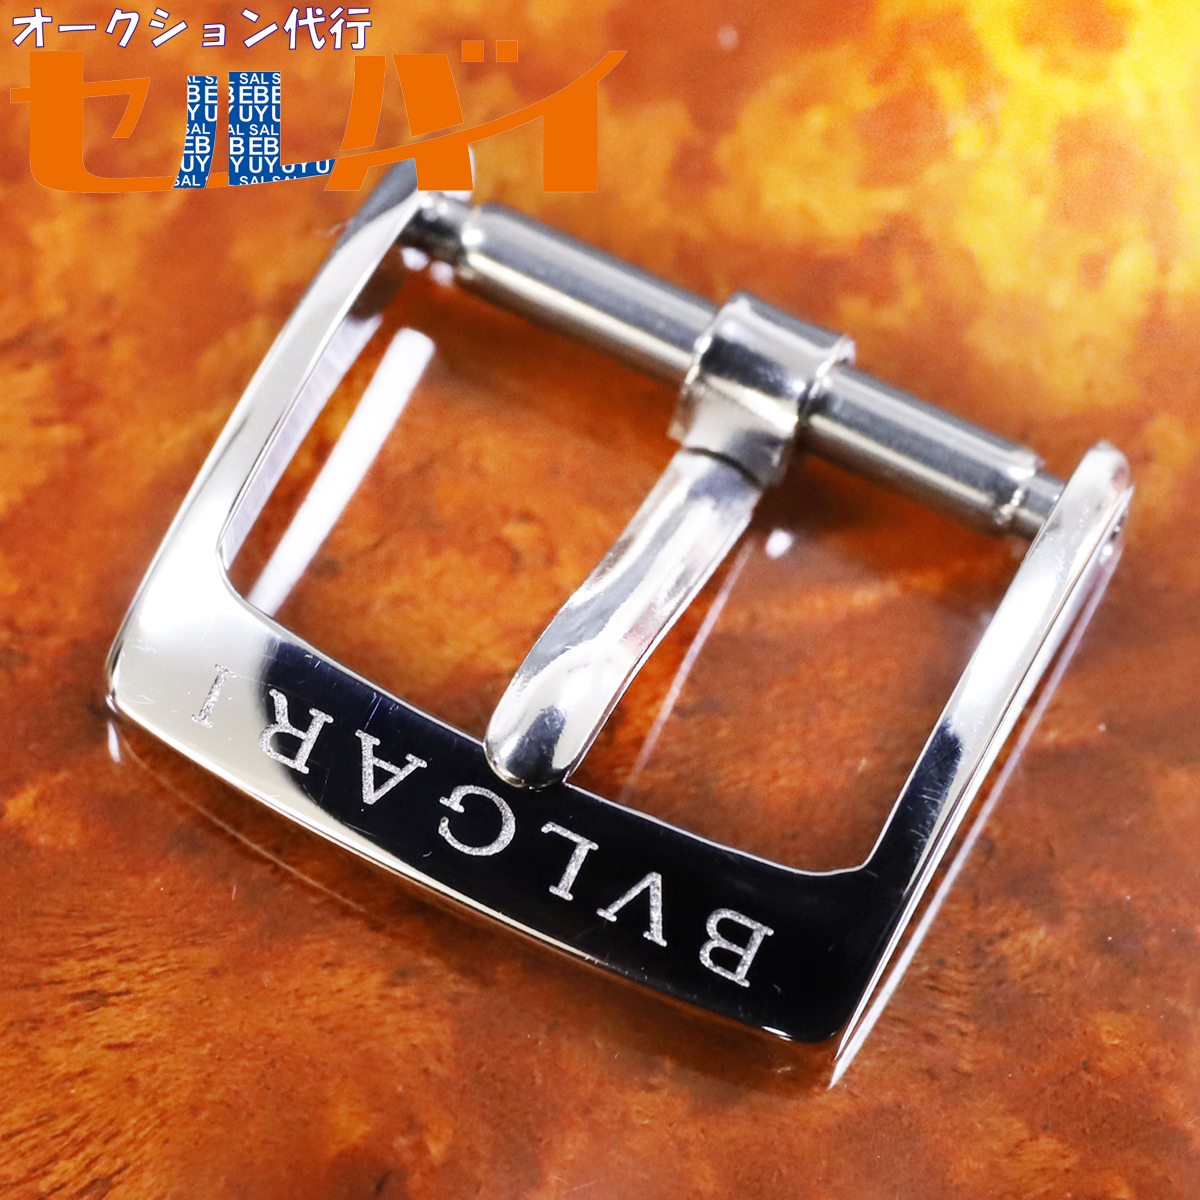 本物 新品同 ブルガリ 極希少 BVLGARI BVLGARI 純正品 K18ホワイトゴールド 金無垢 尾錠 13mm幅 腕時計用 ウォッチベルトバックル_画像1